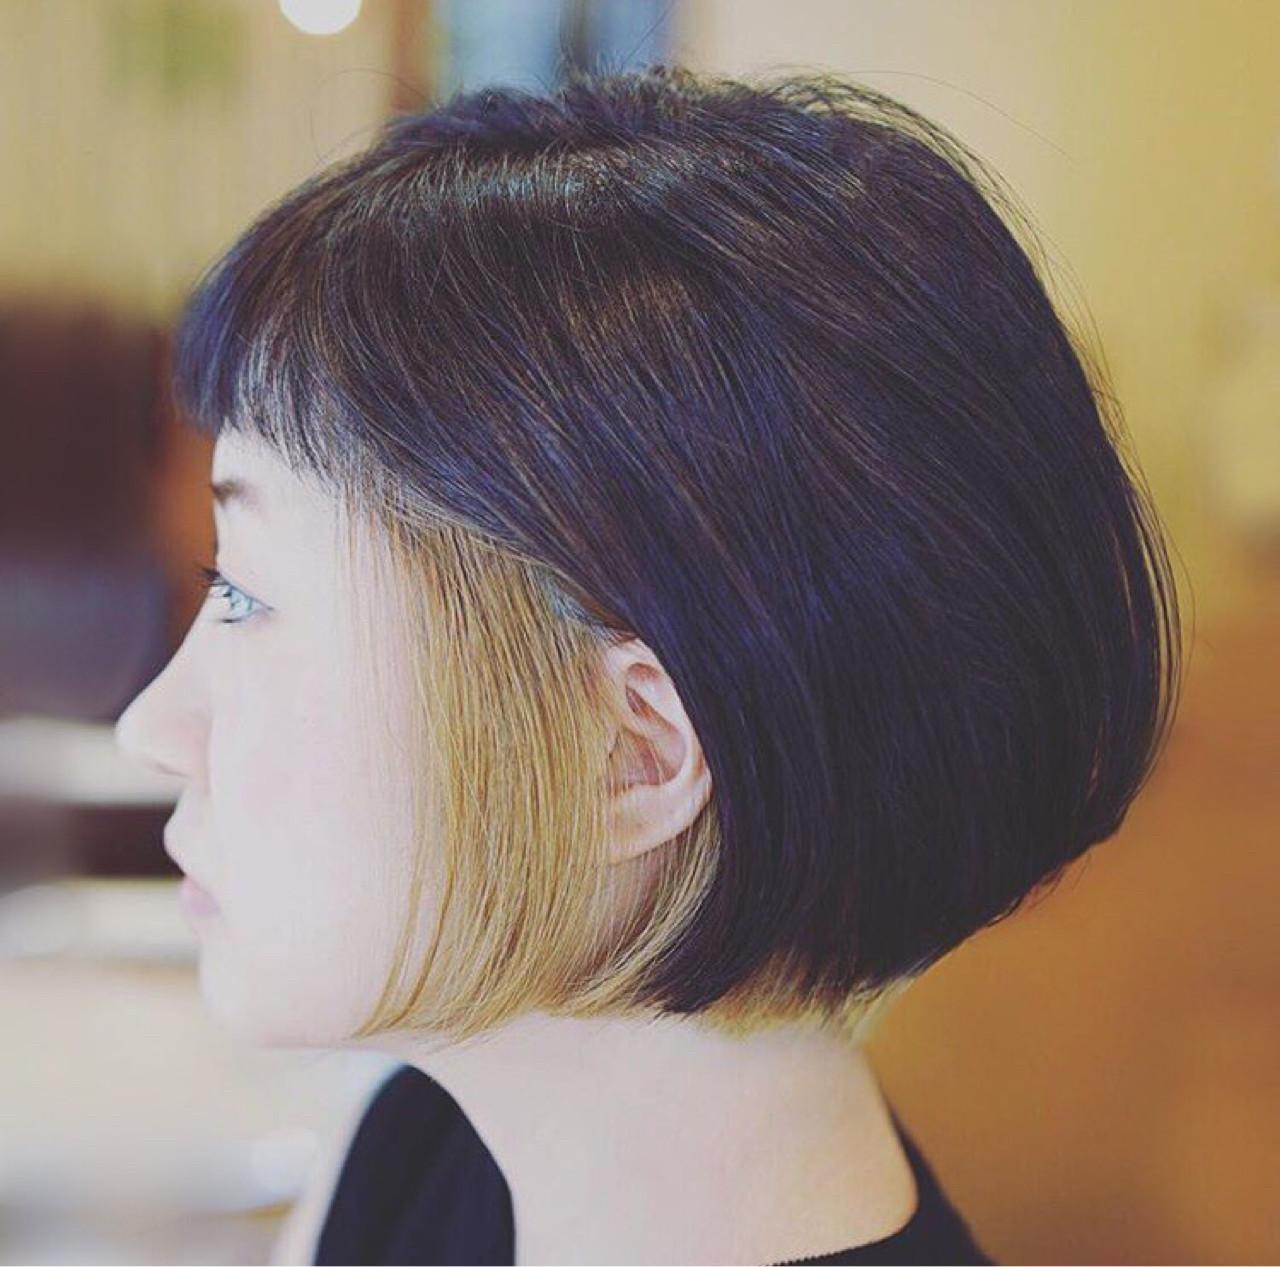 ハイトーン 抜け感 ボブ モード ヘアスタイルや髪型の写真・画像